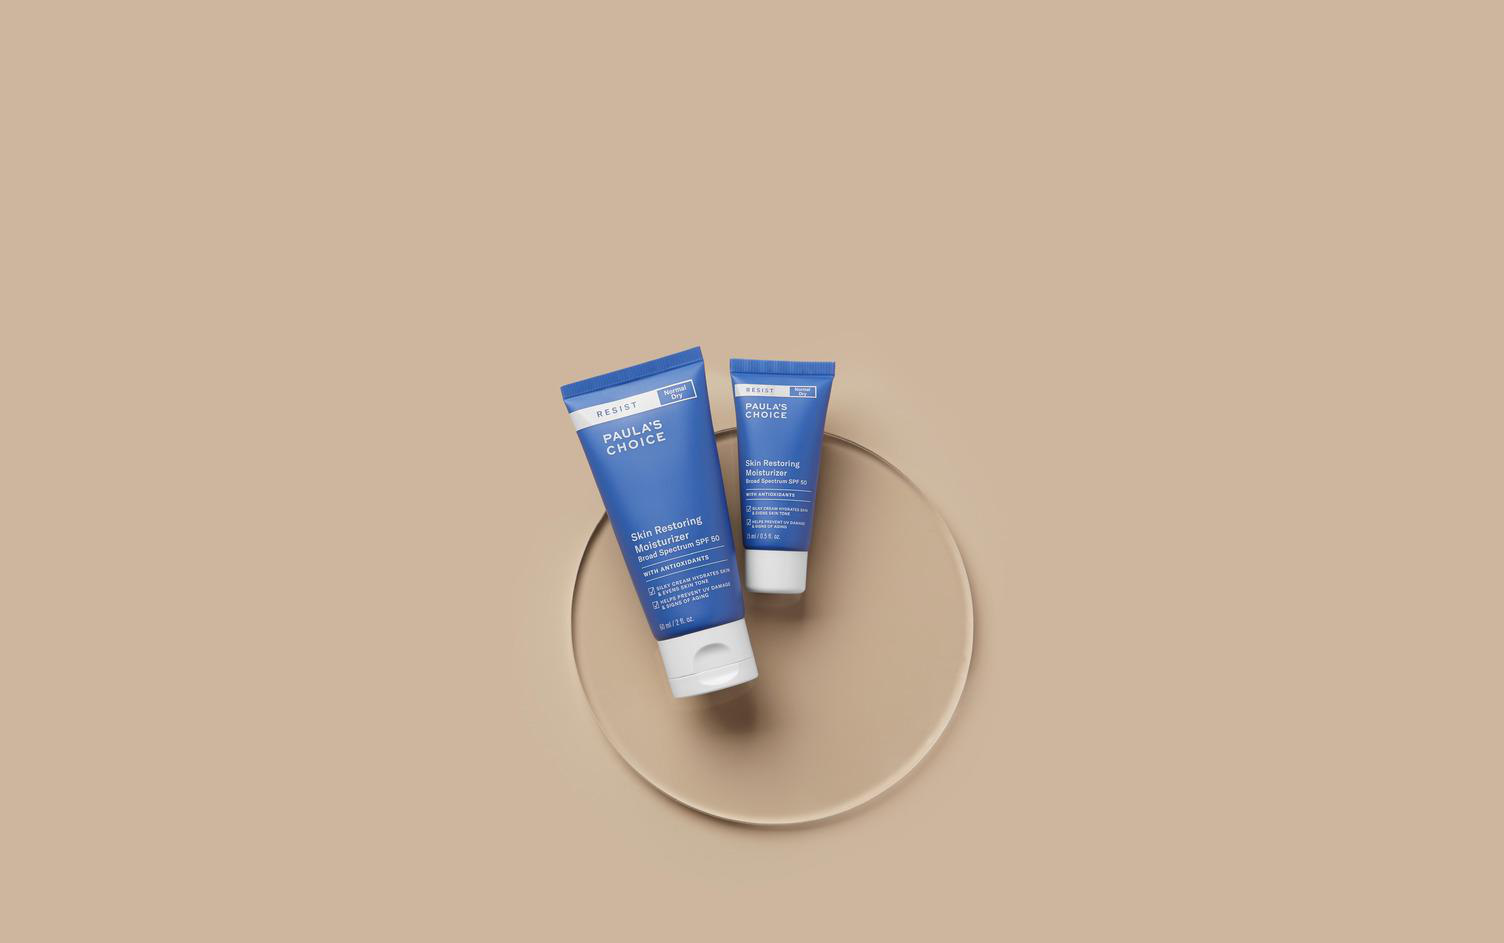 Lộ diện 5 tuýp kem chống nắng bảo vệ da hoàn hảo trước tác động của tia UV - Ảnh 5.